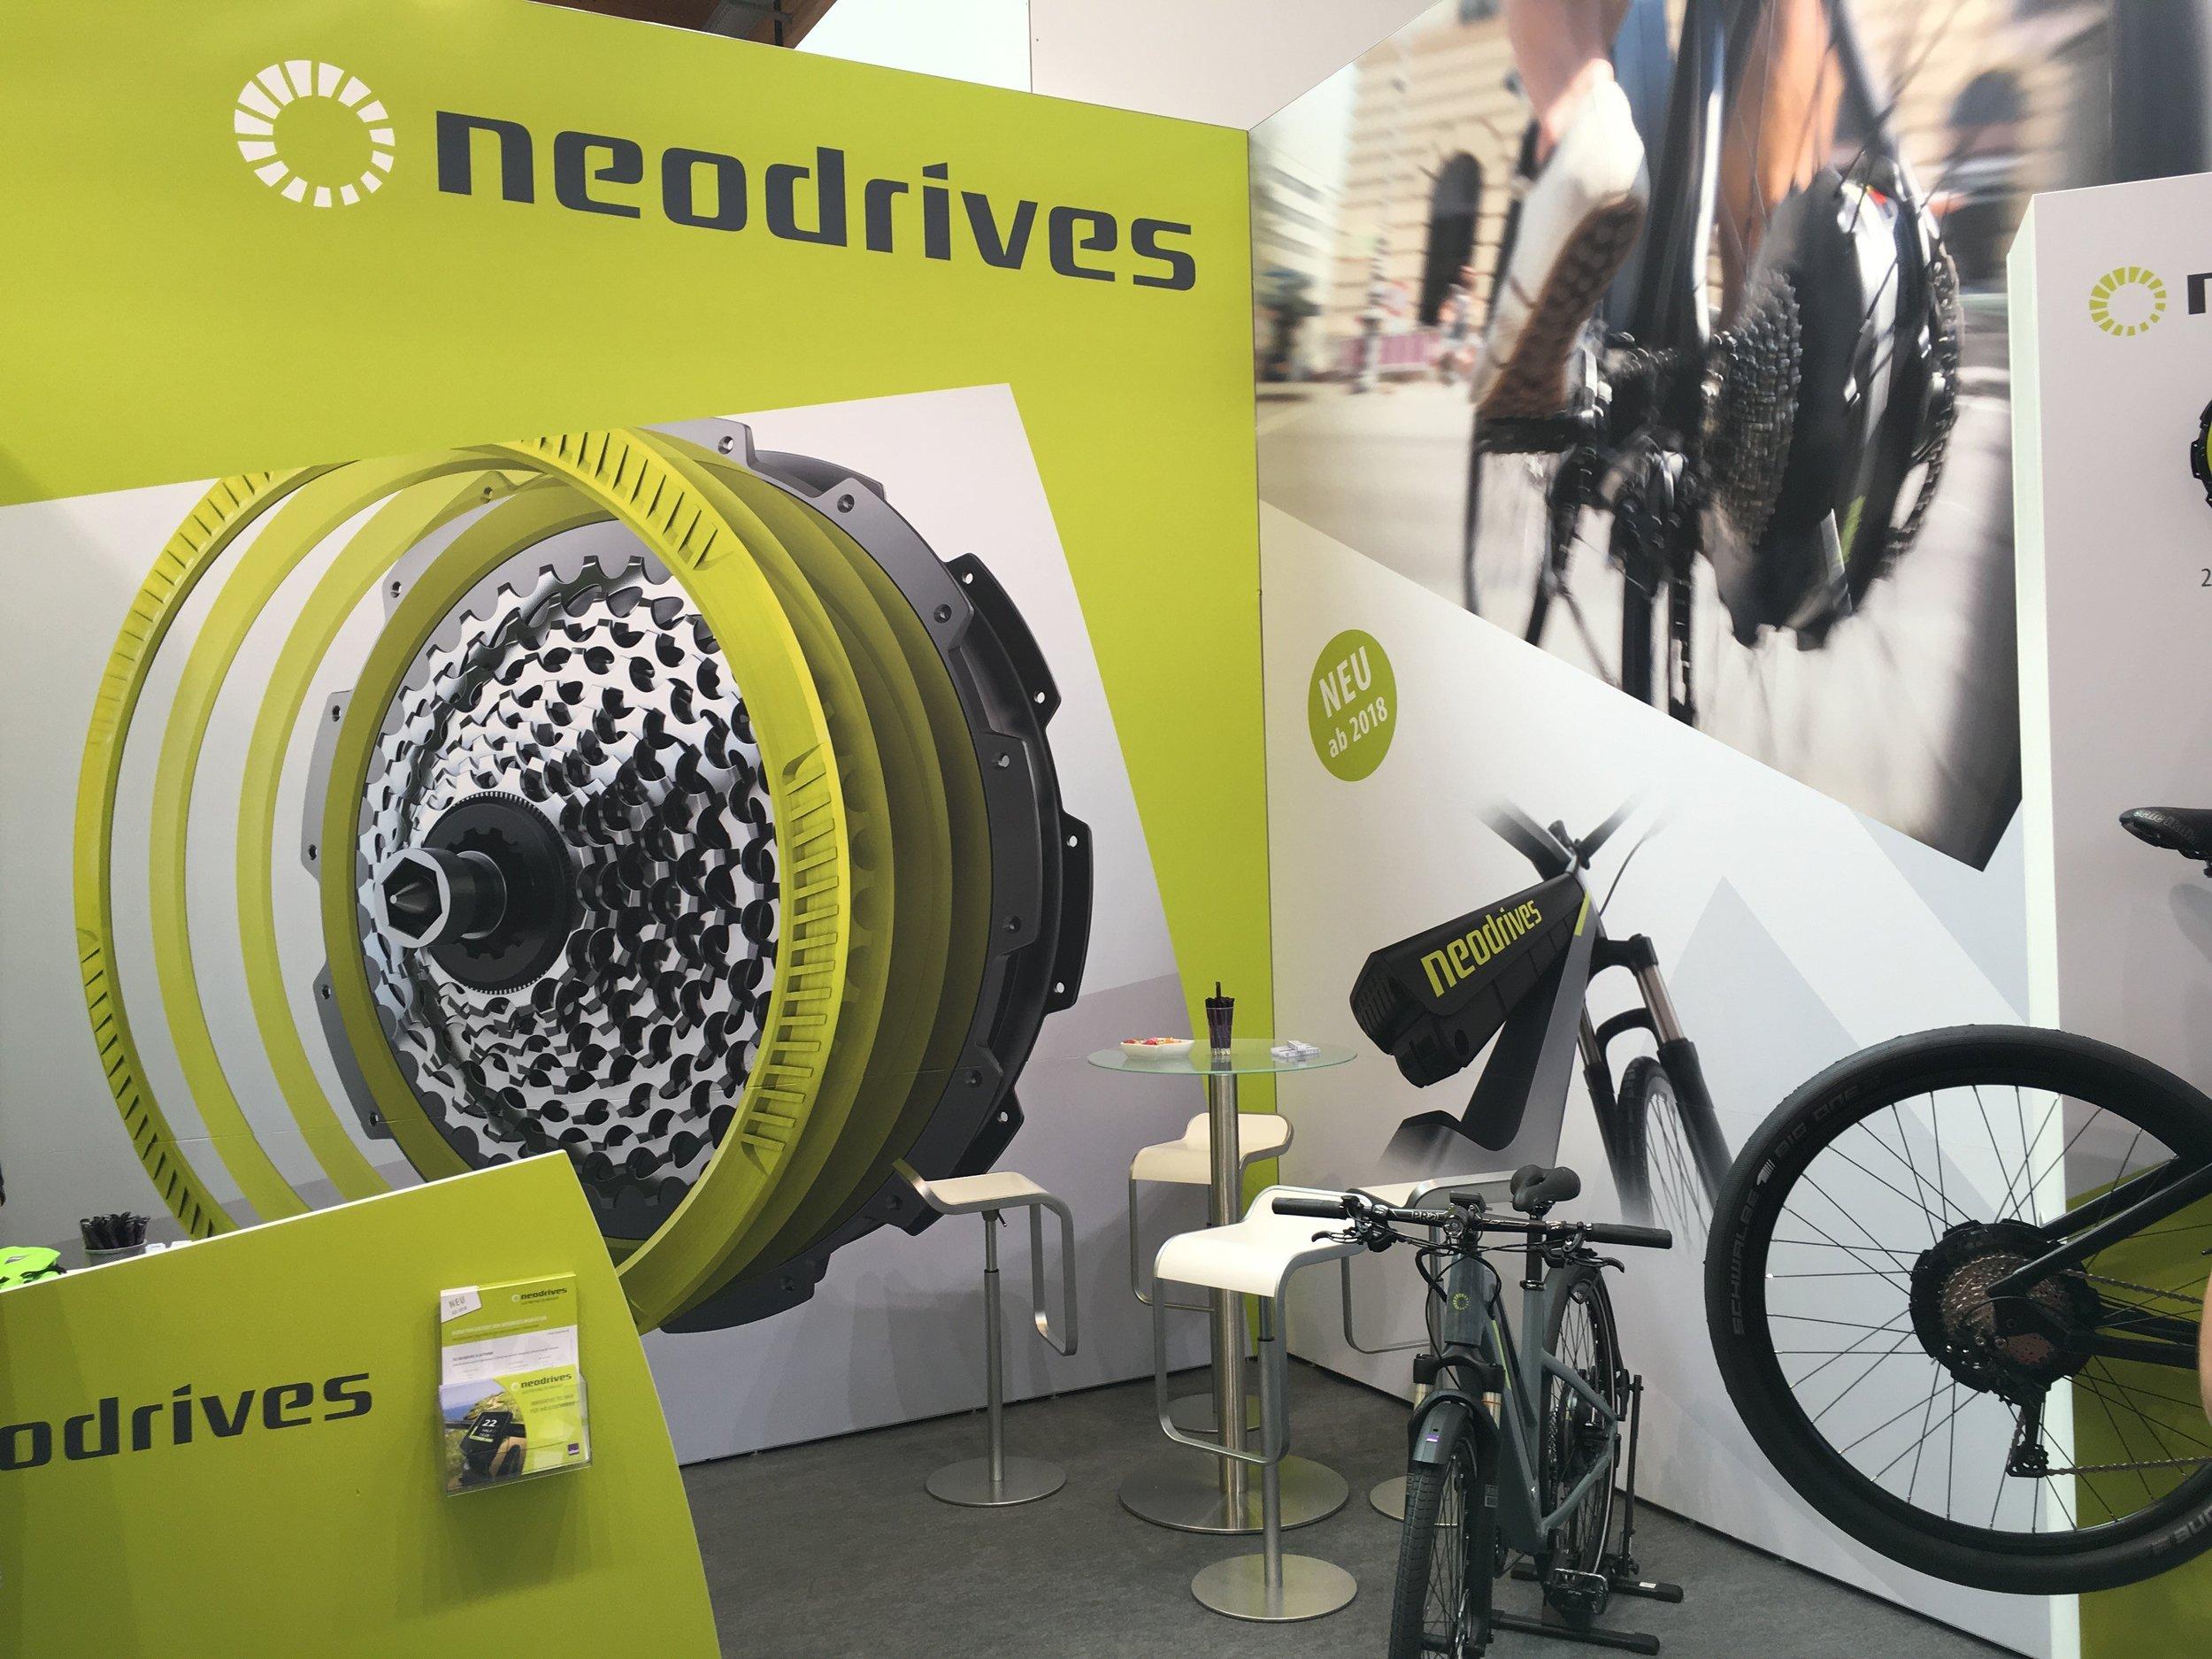 Neodrives_Eurobike_2016_Messe_Bild1.jpg